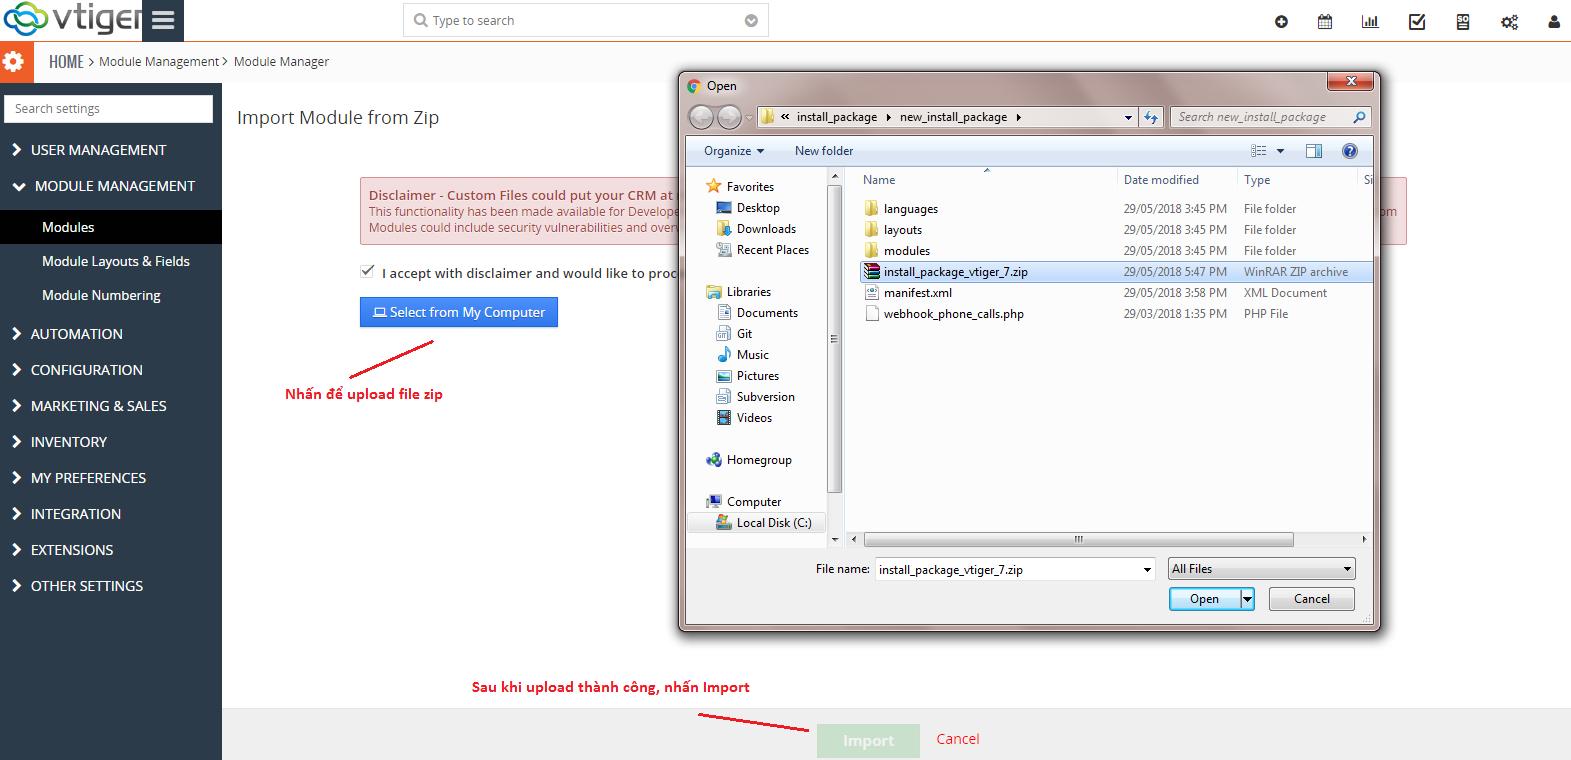 Hướng dẫn cài đặt module Taduphone trên Vtiger - Trợ giúp Tadu